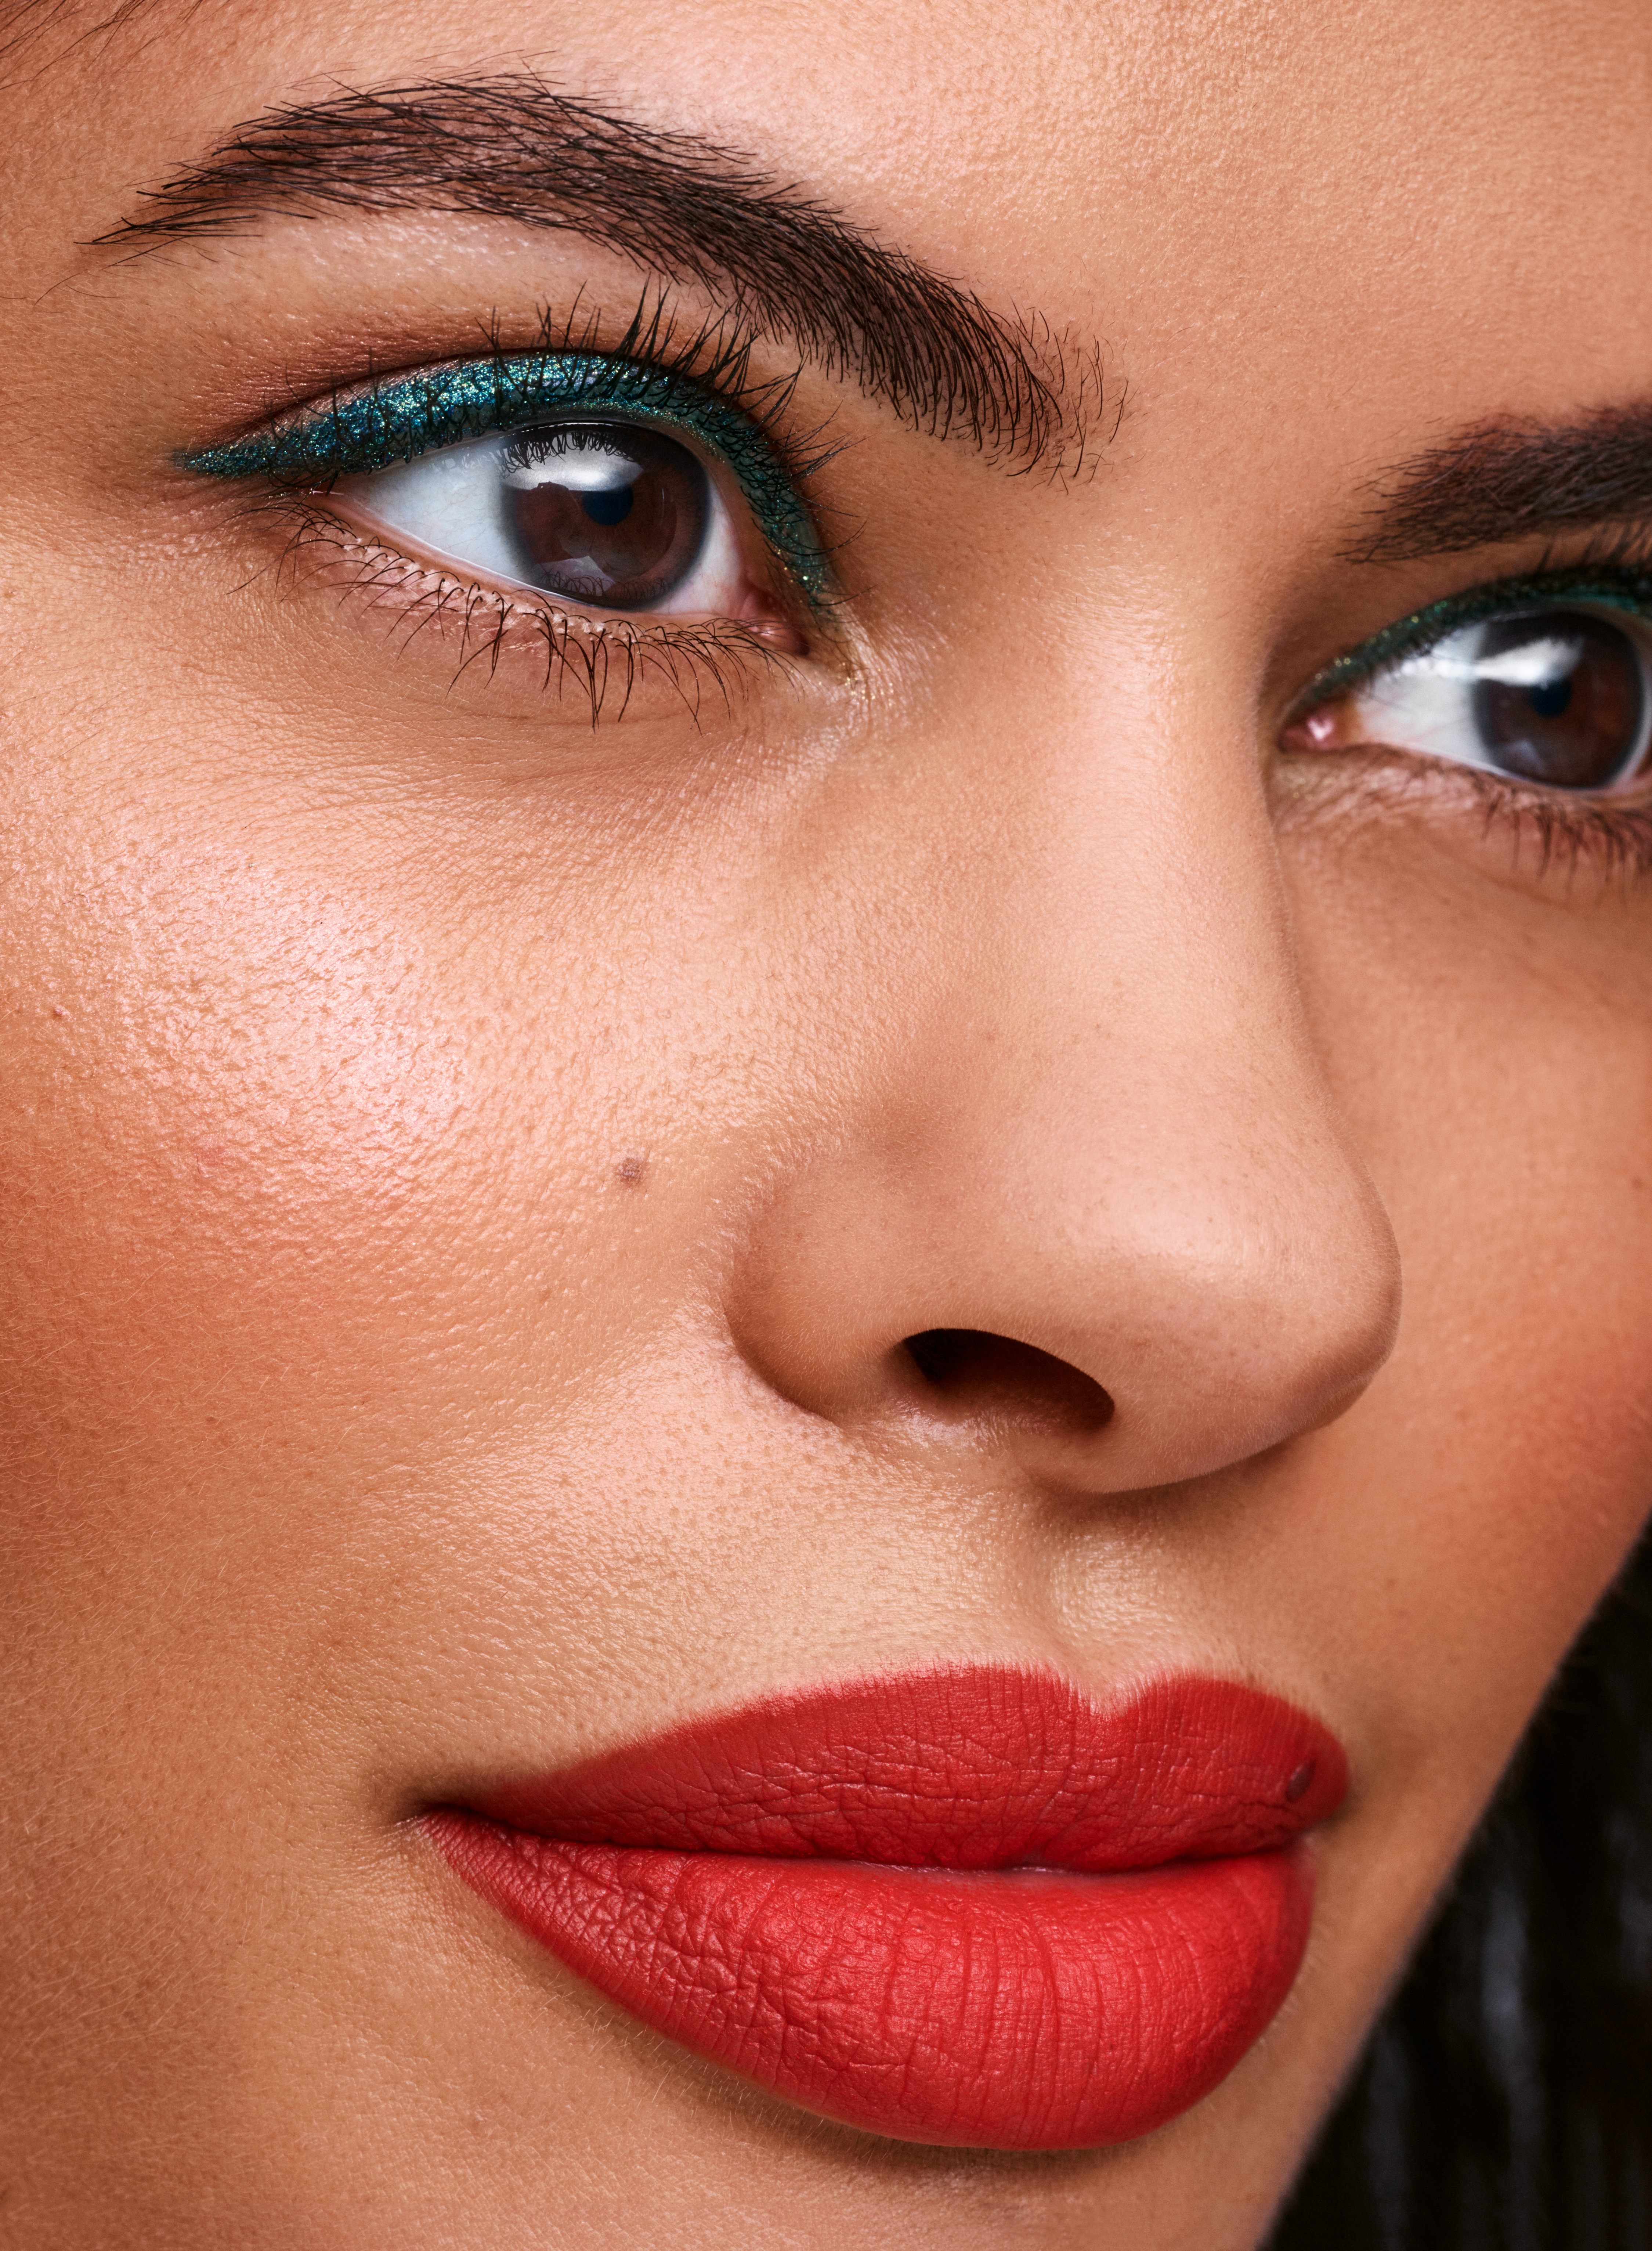 matte lipstick and teal eyeliner